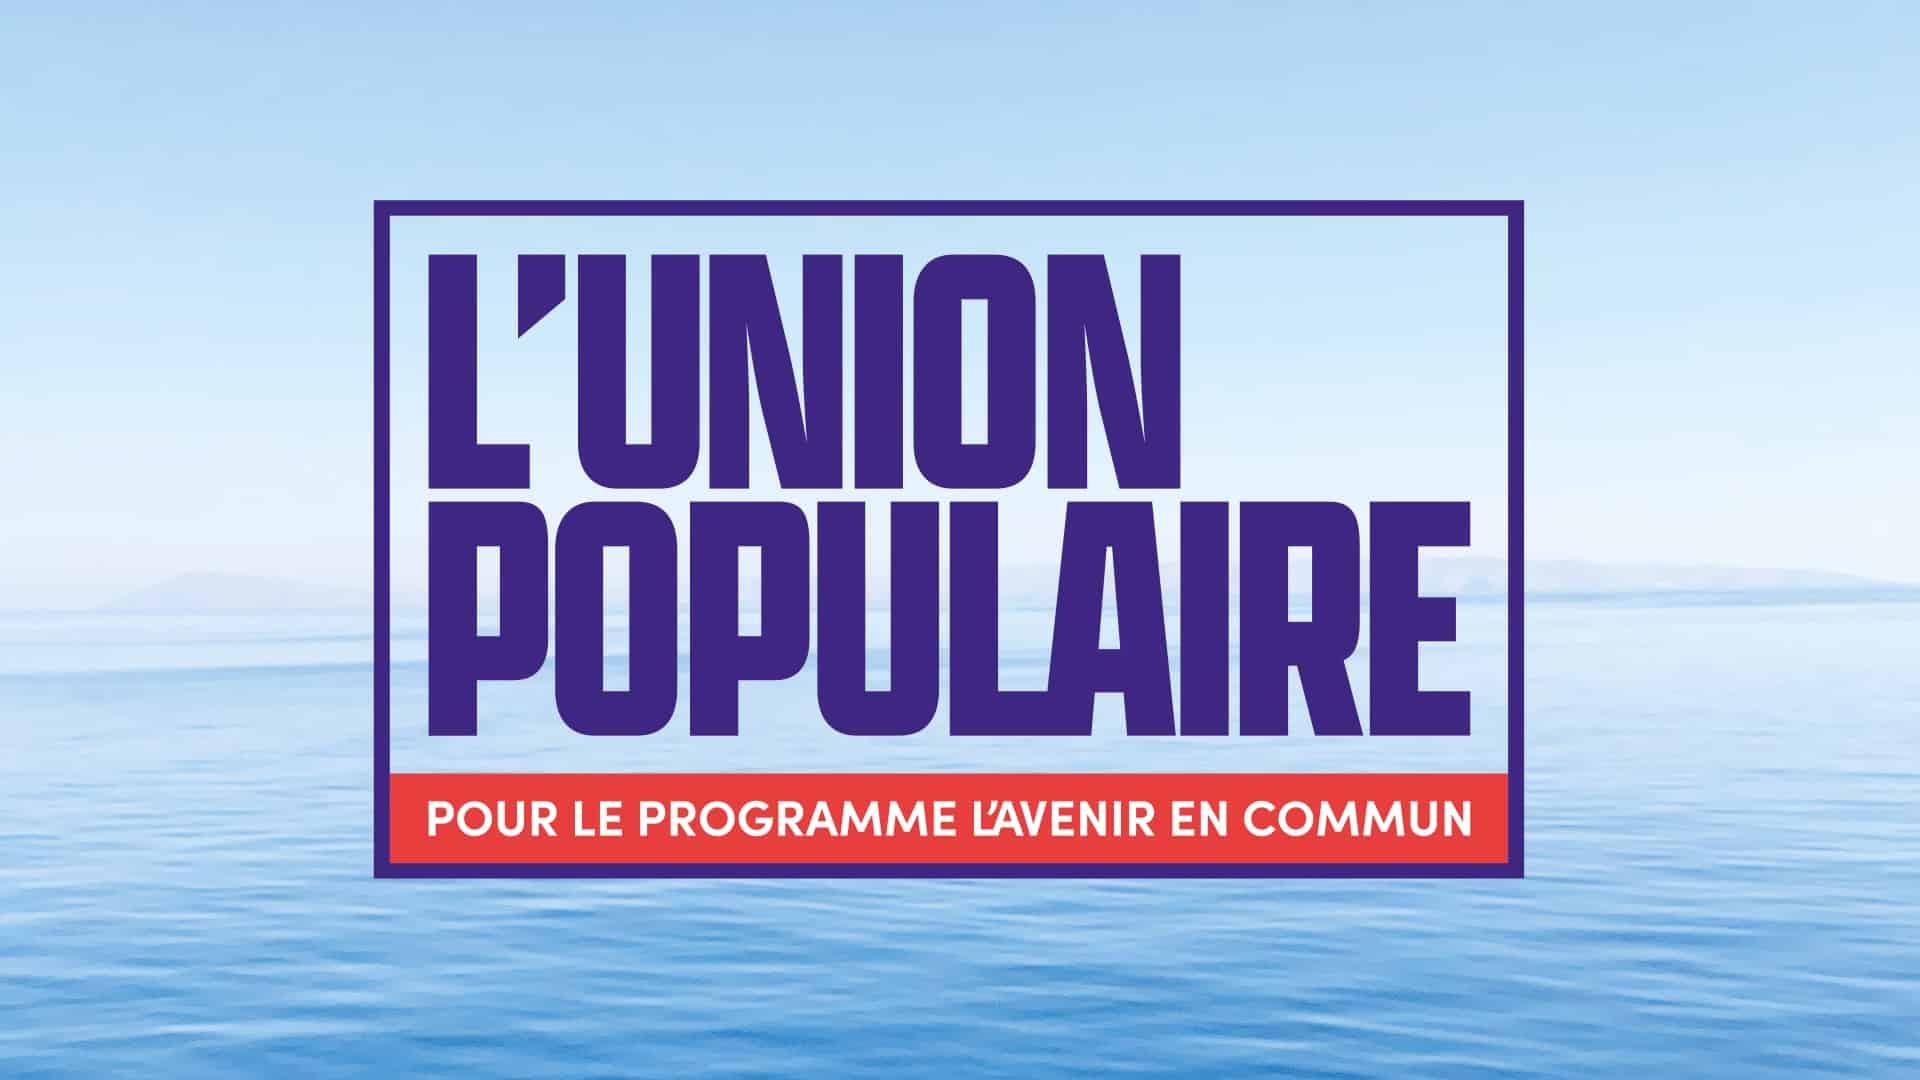 Après l'union de la gauche, vite l'union populaire !